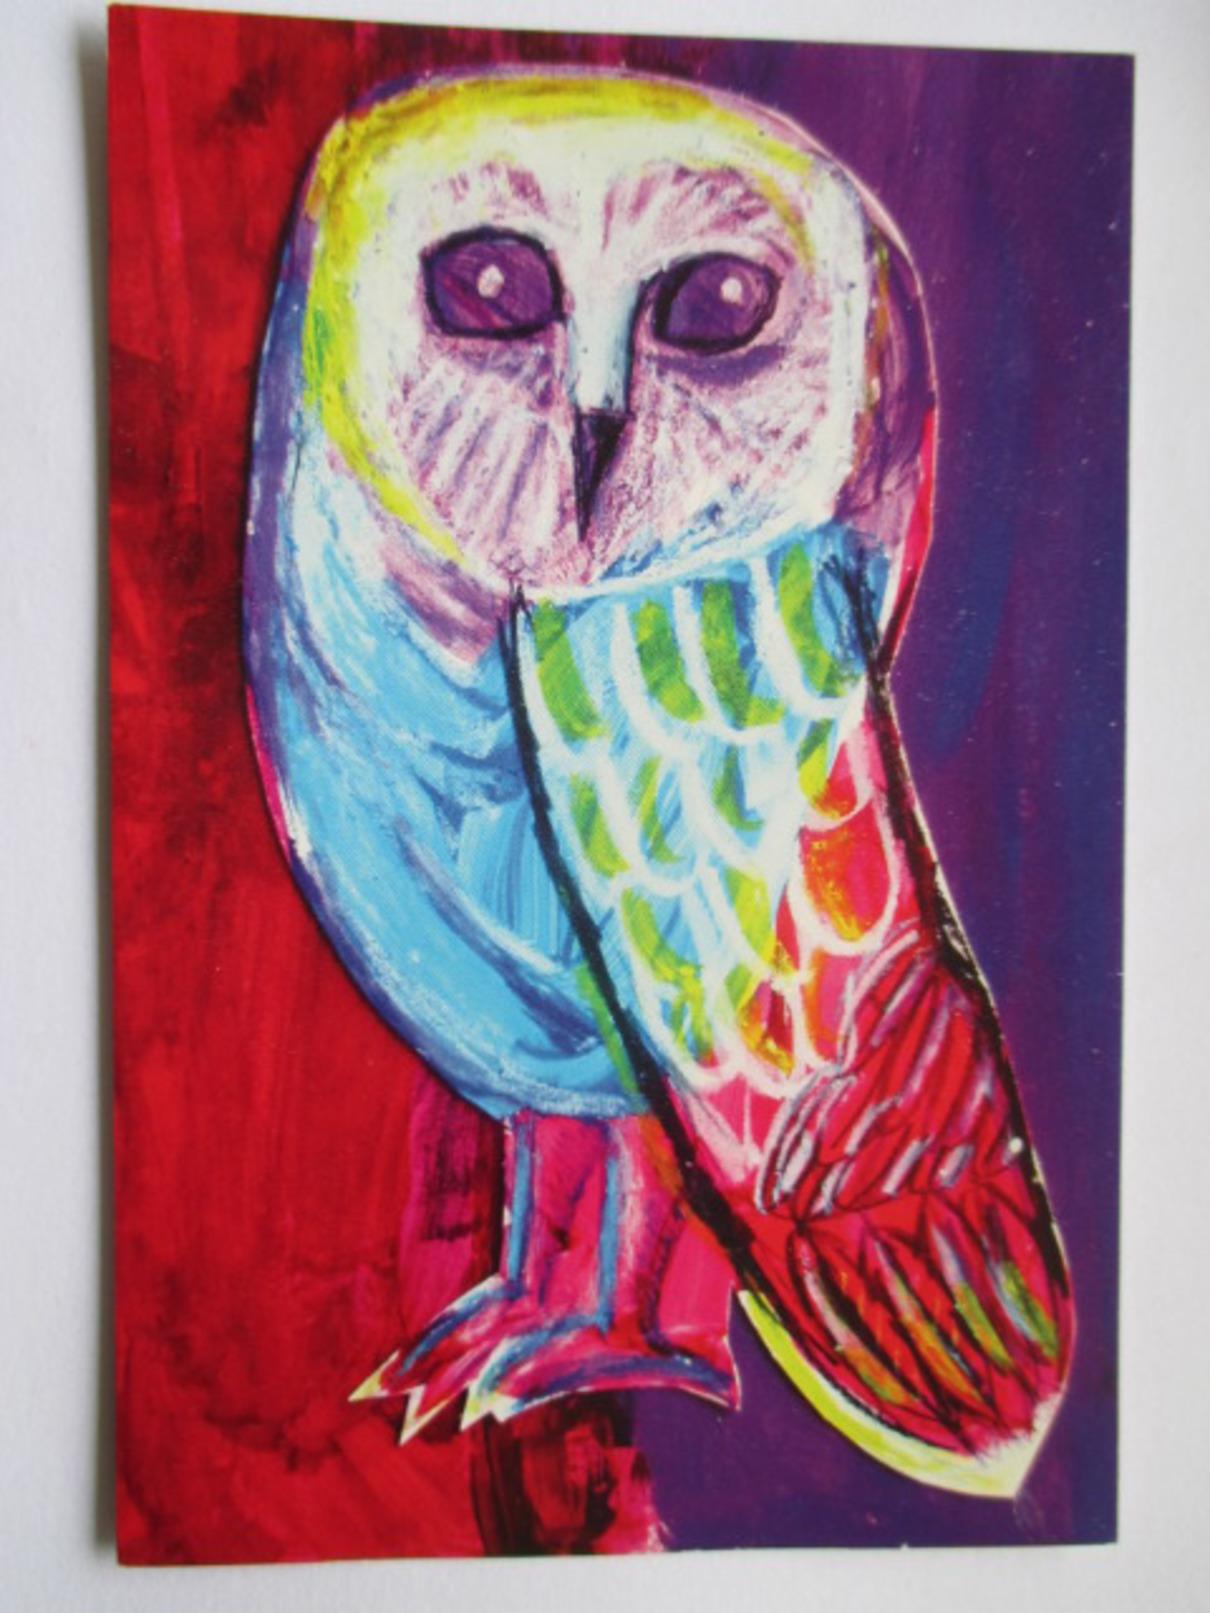 Jo Jo - The Owl By Lila (age 8)  -  Sidney  - Chouette Australienne - Oiseaux